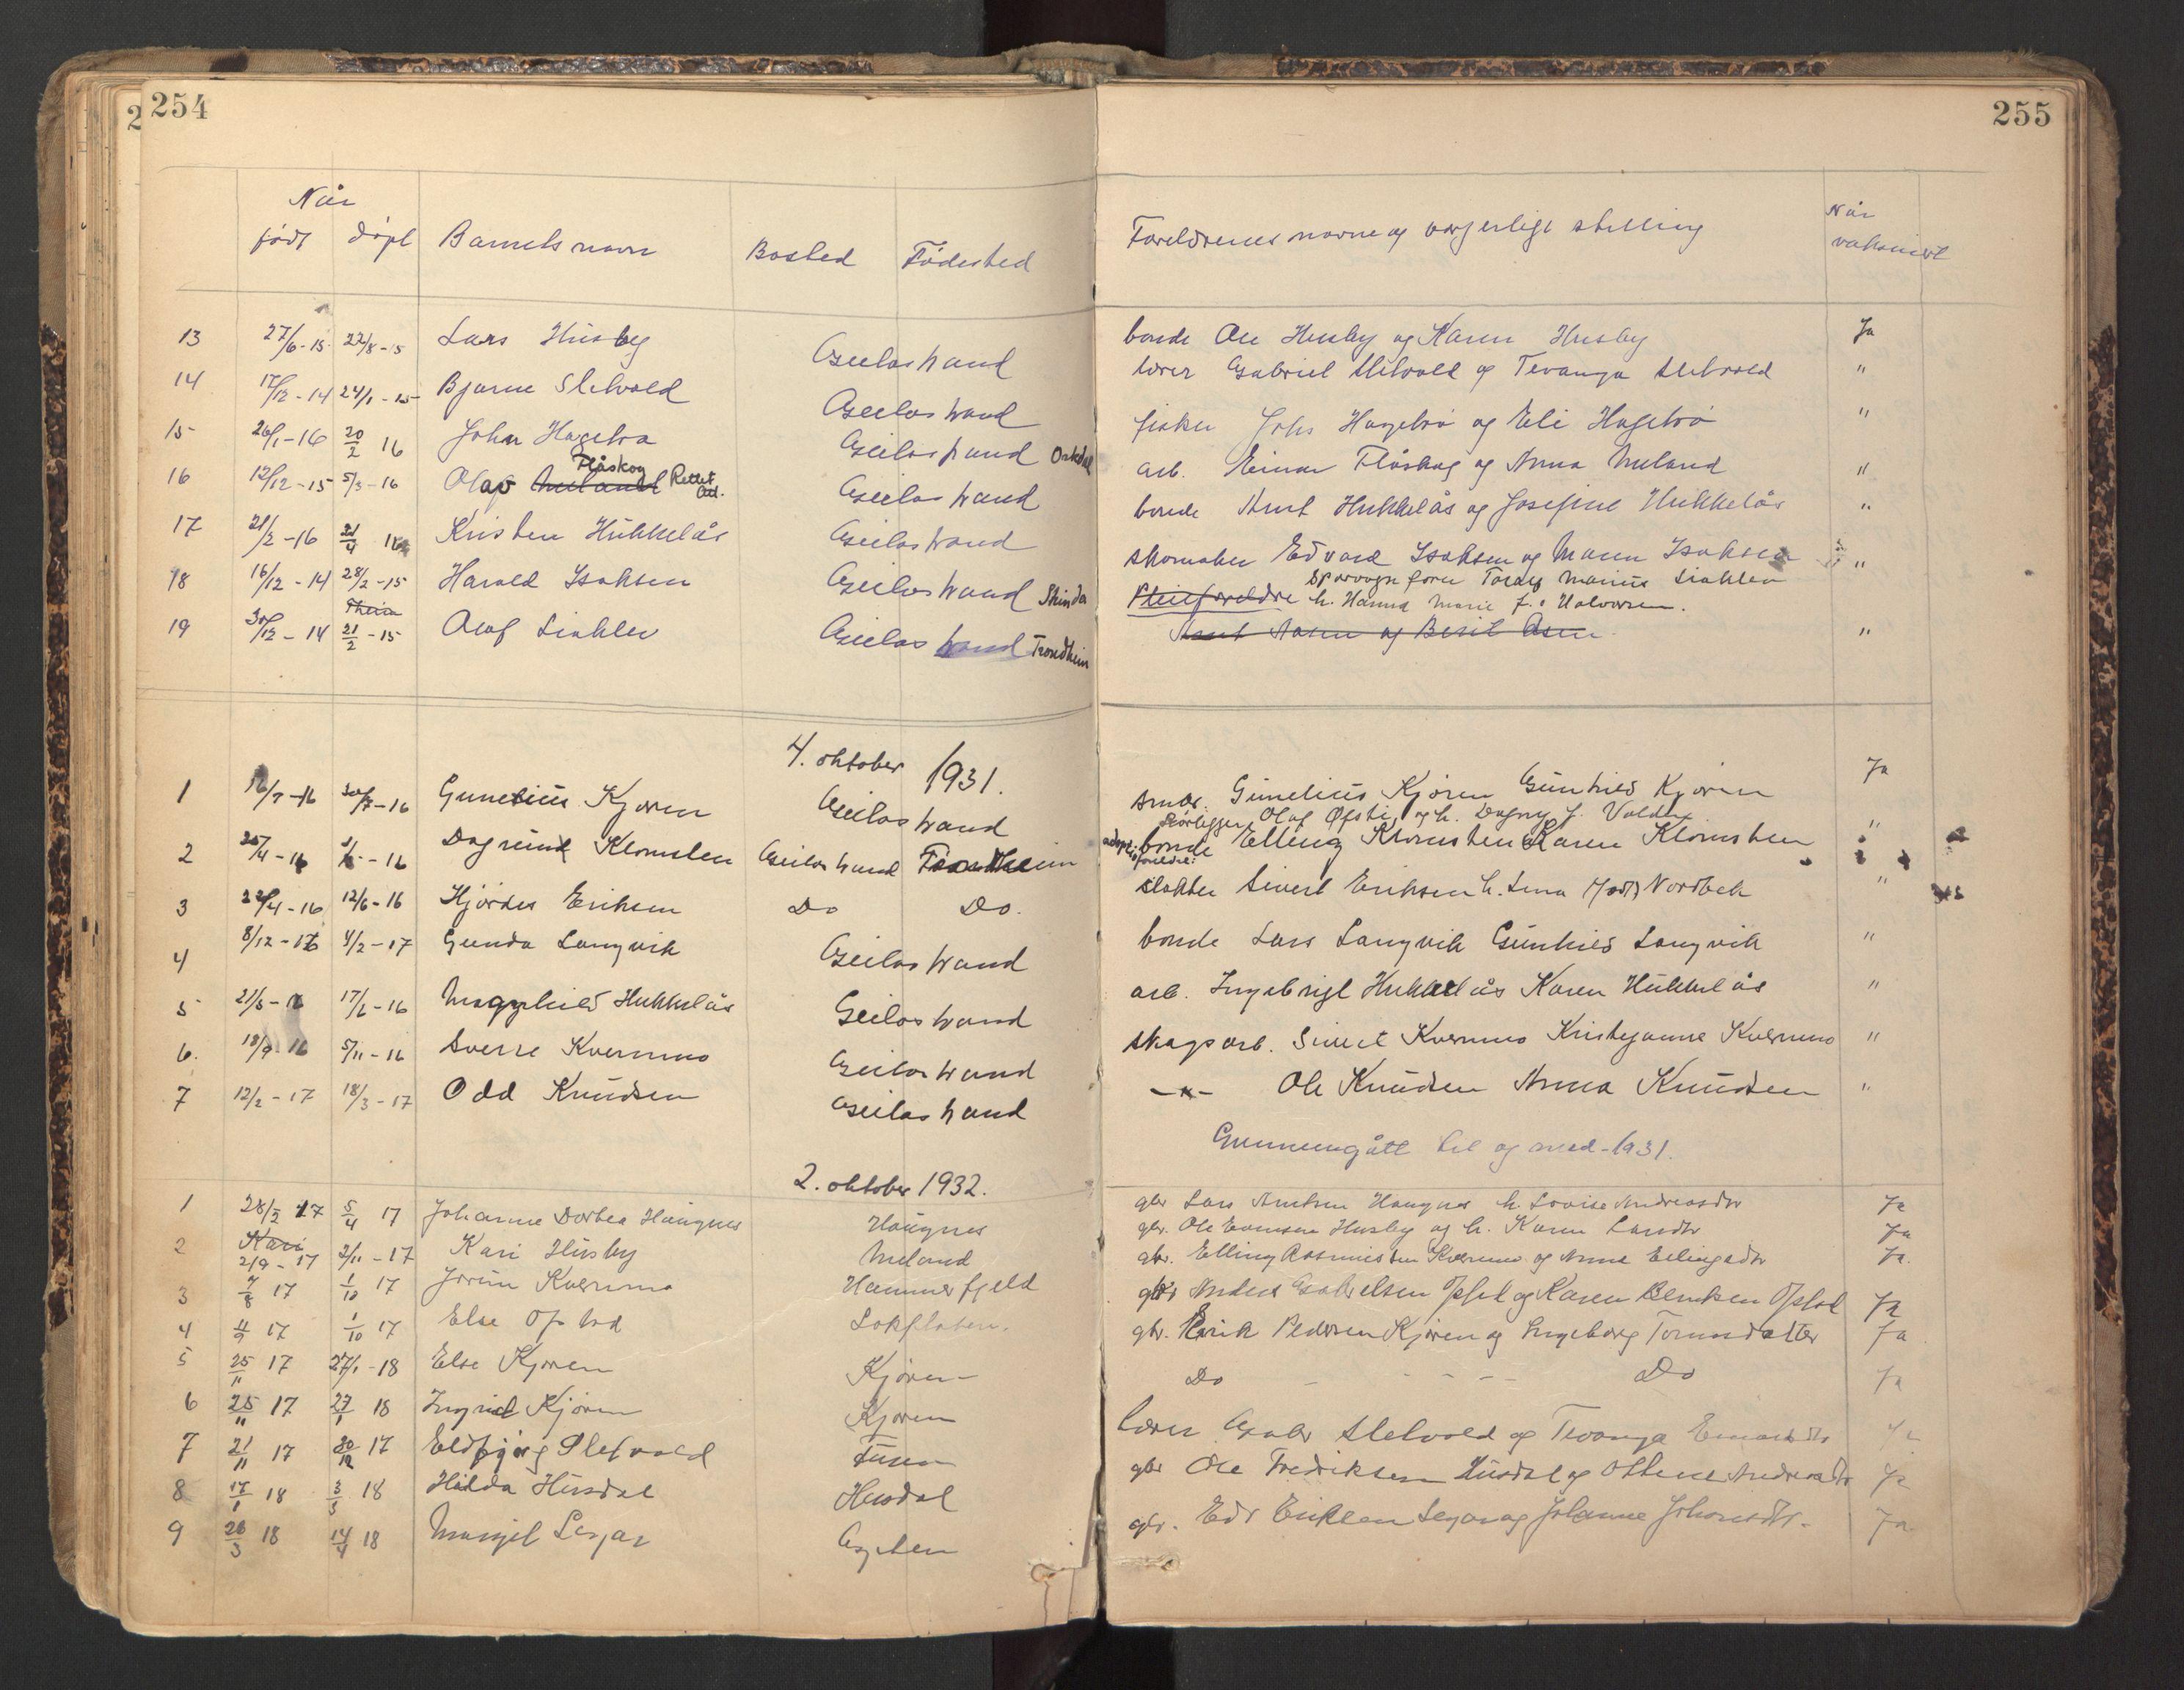 SAT, Ministerialprotokoller, klokkerbøker og fødselsregistre - Sør-Trøndelag, 670/L0837: Klokkerbok nr. 670C01, 1905-1946, s. 254-255